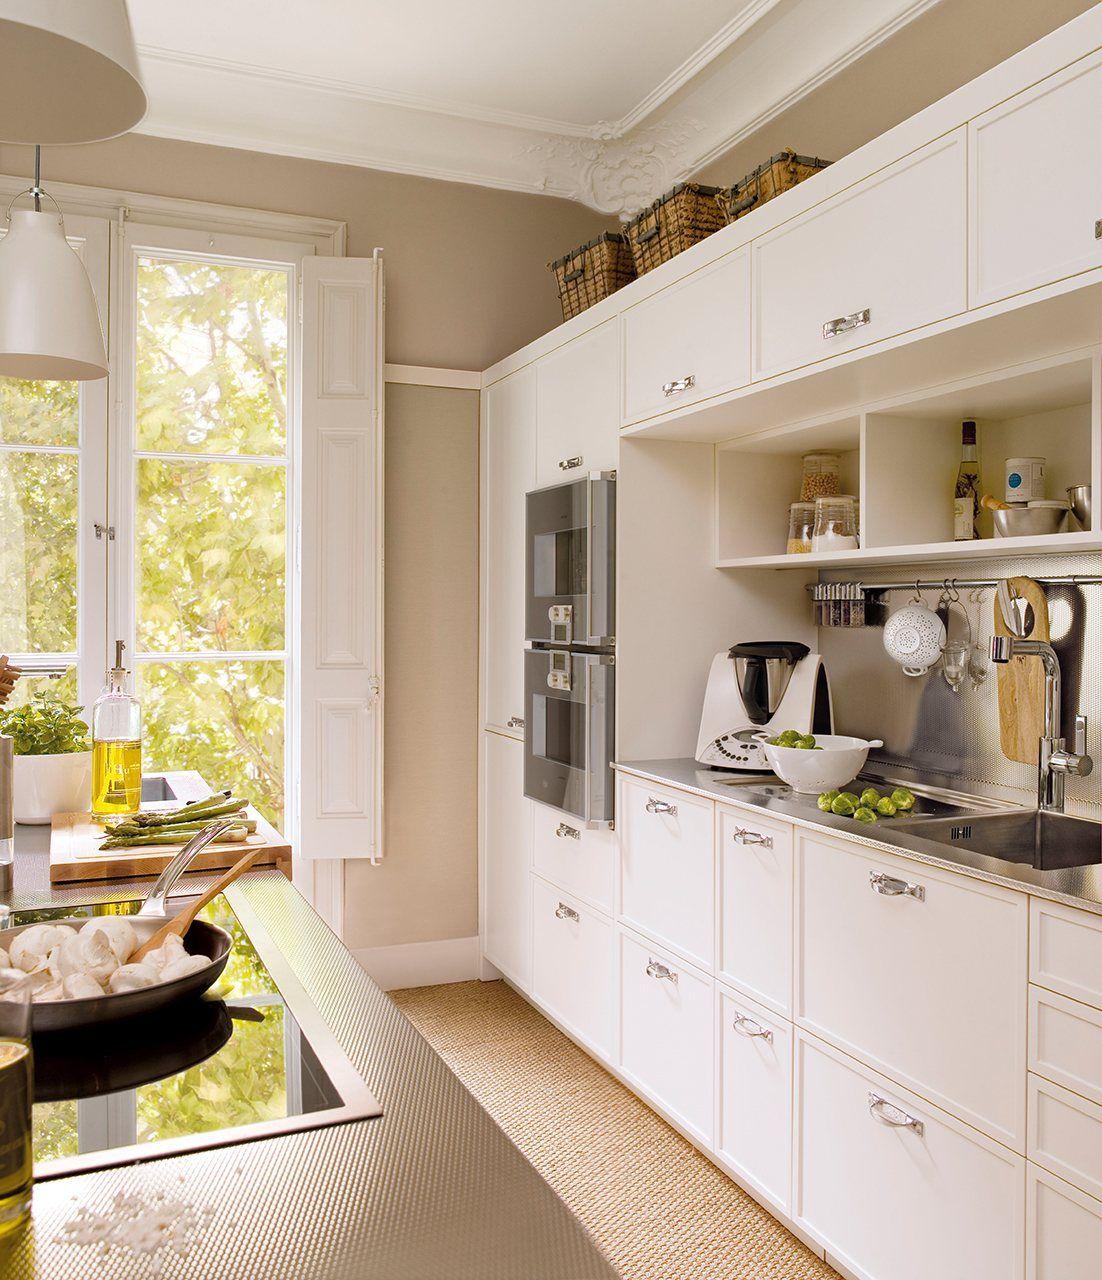 La cocina soñada · ElMueble.com · Cocinas y baños  House  Pinterest